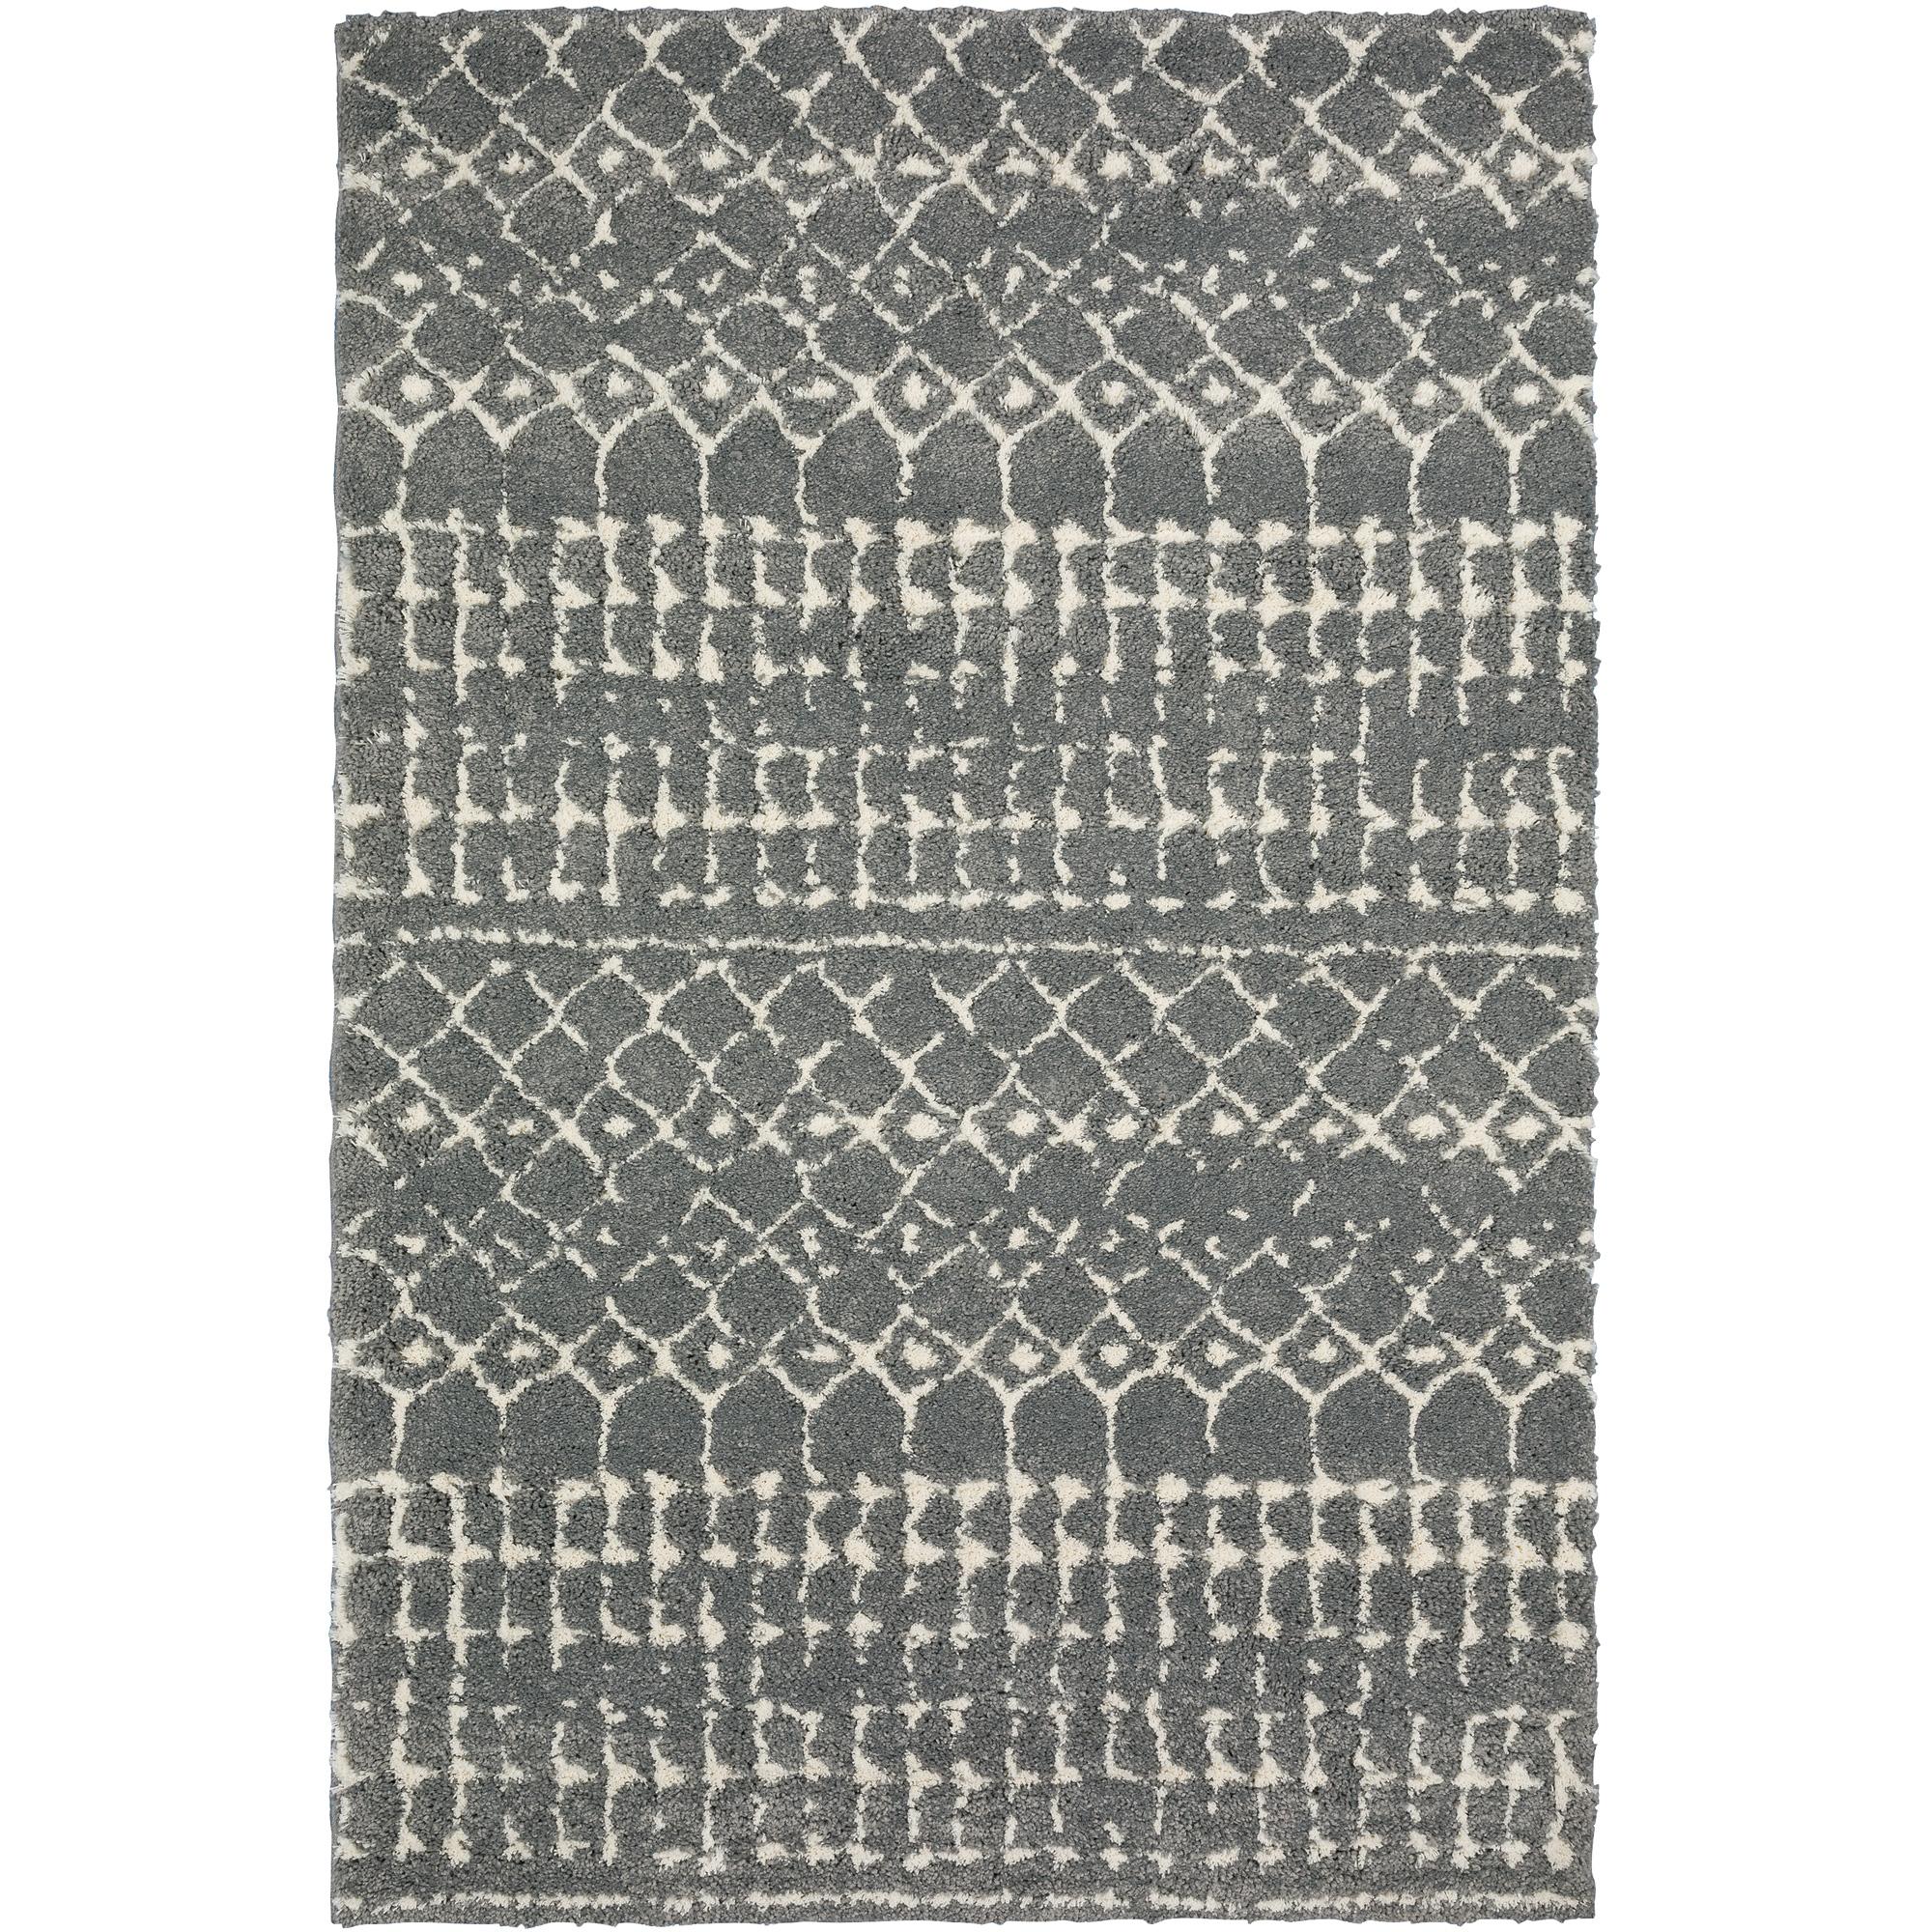 Dalyn Rug Company | Marquee Metal 8x10 Area Rug